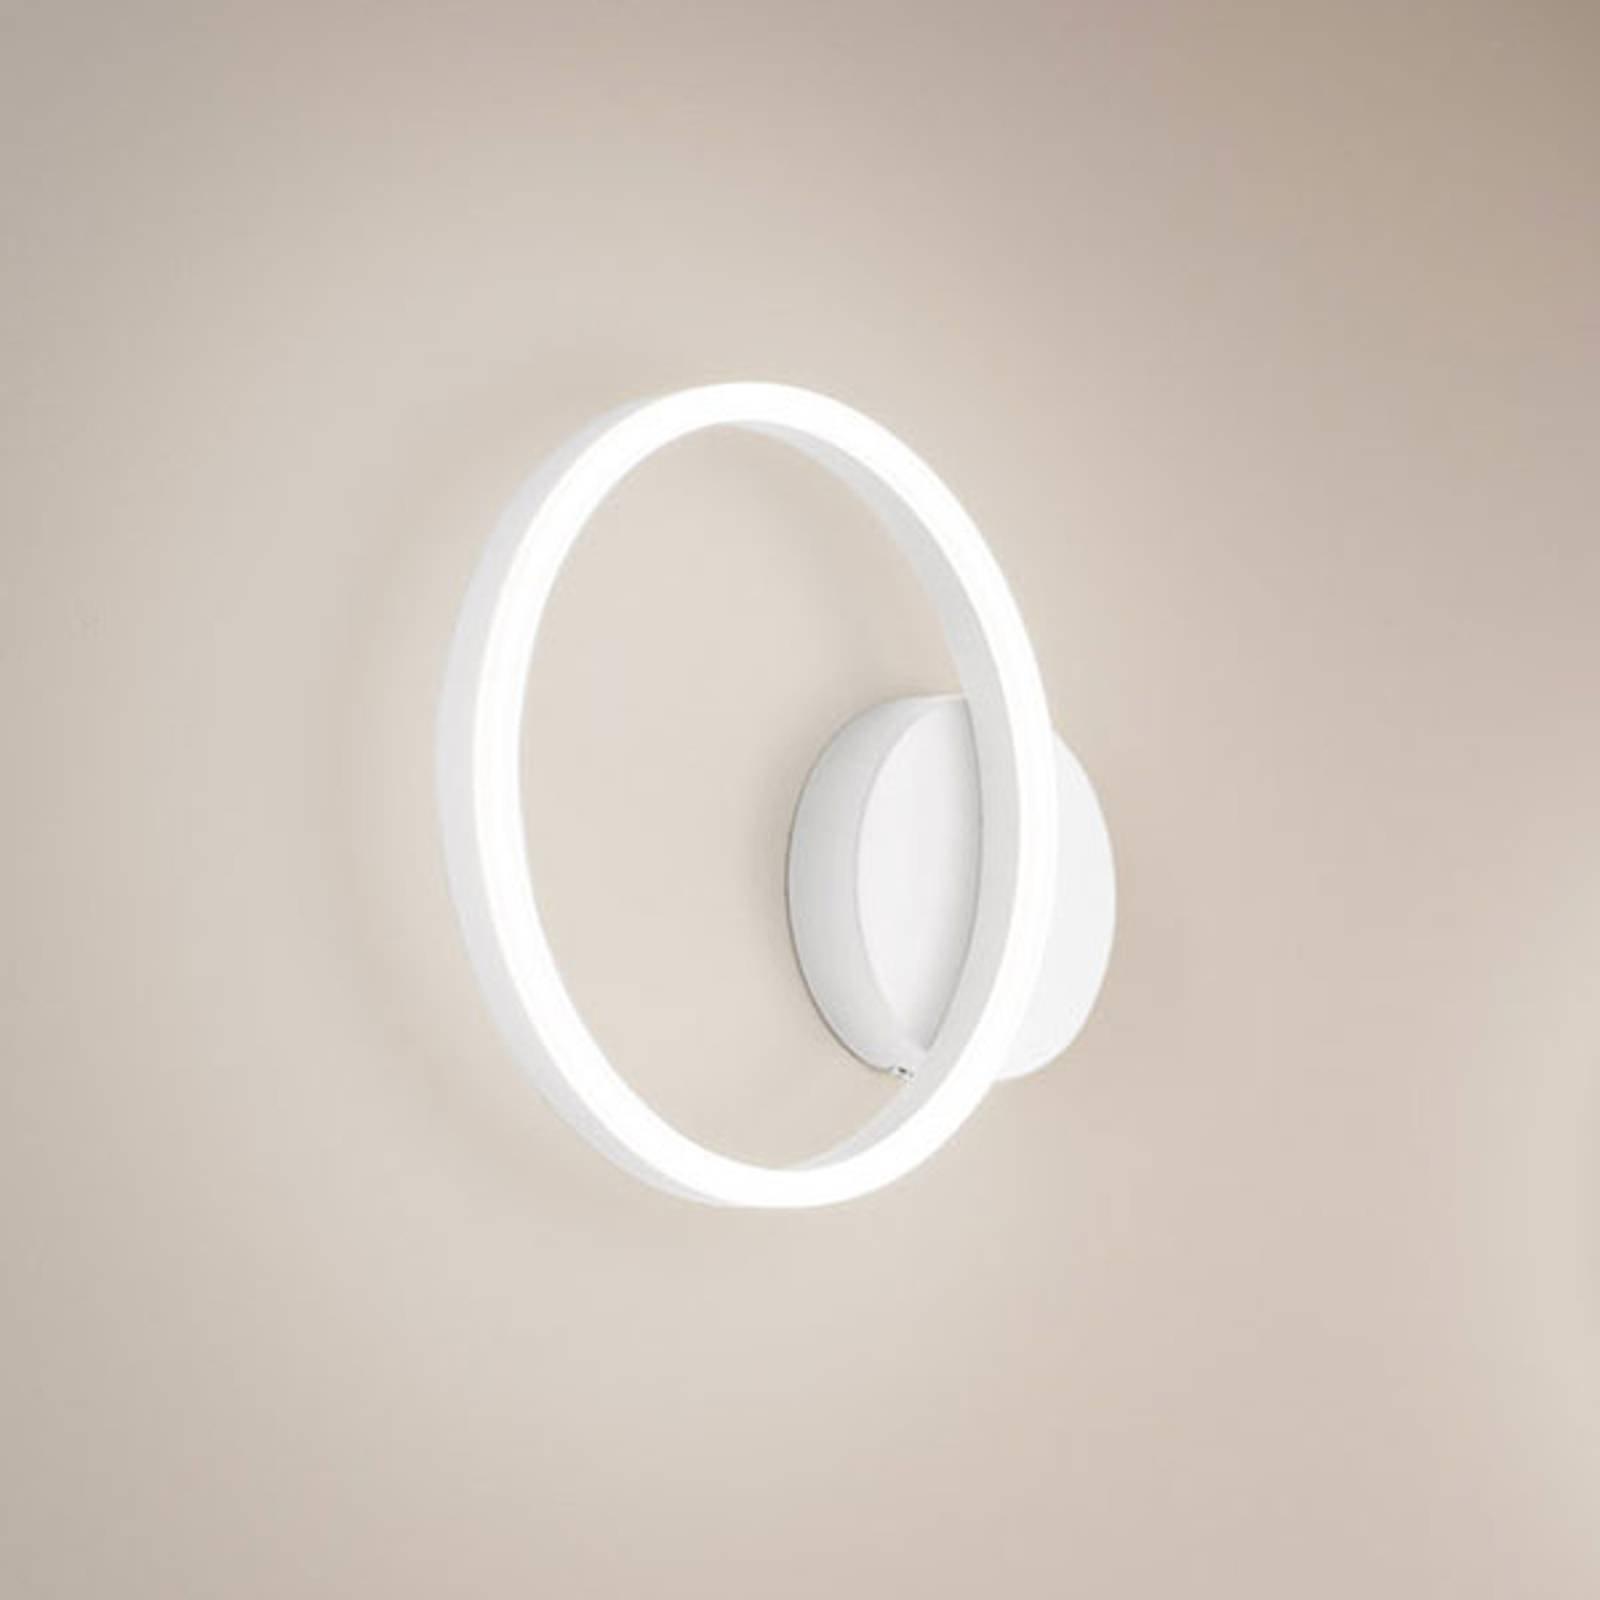 LED-vegglampe Giotto, 1 lyskilde, hvit